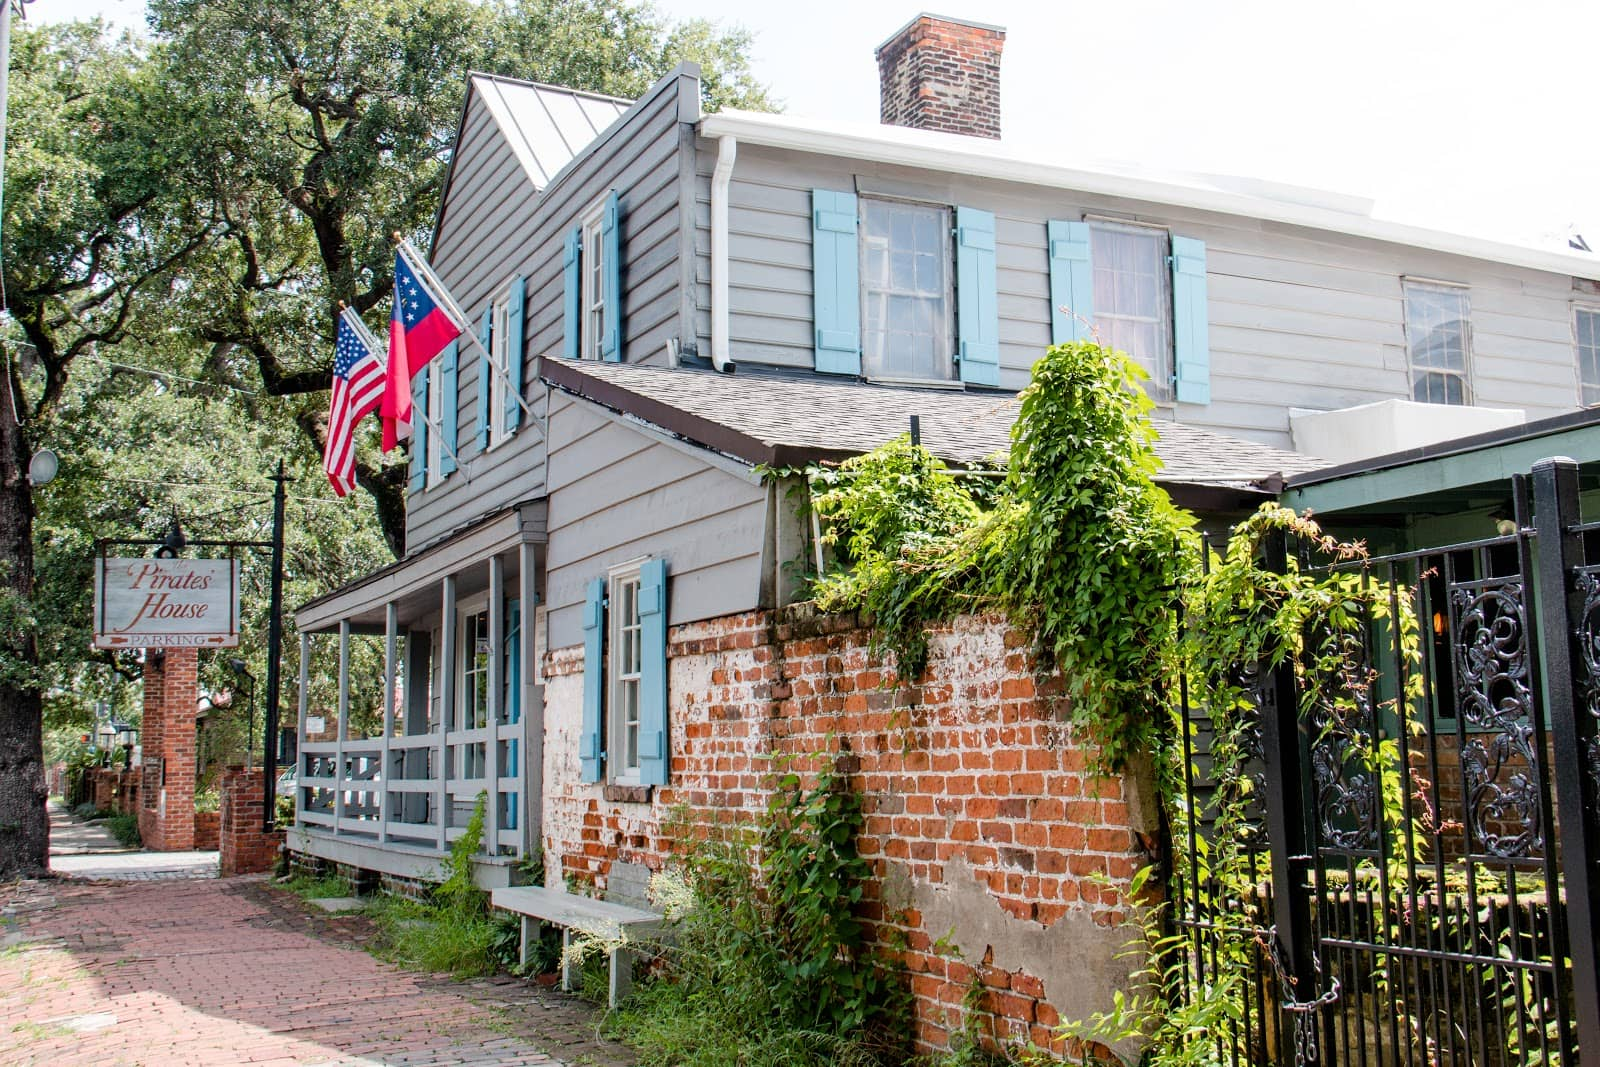 The Pirates' House Savannah restaurant